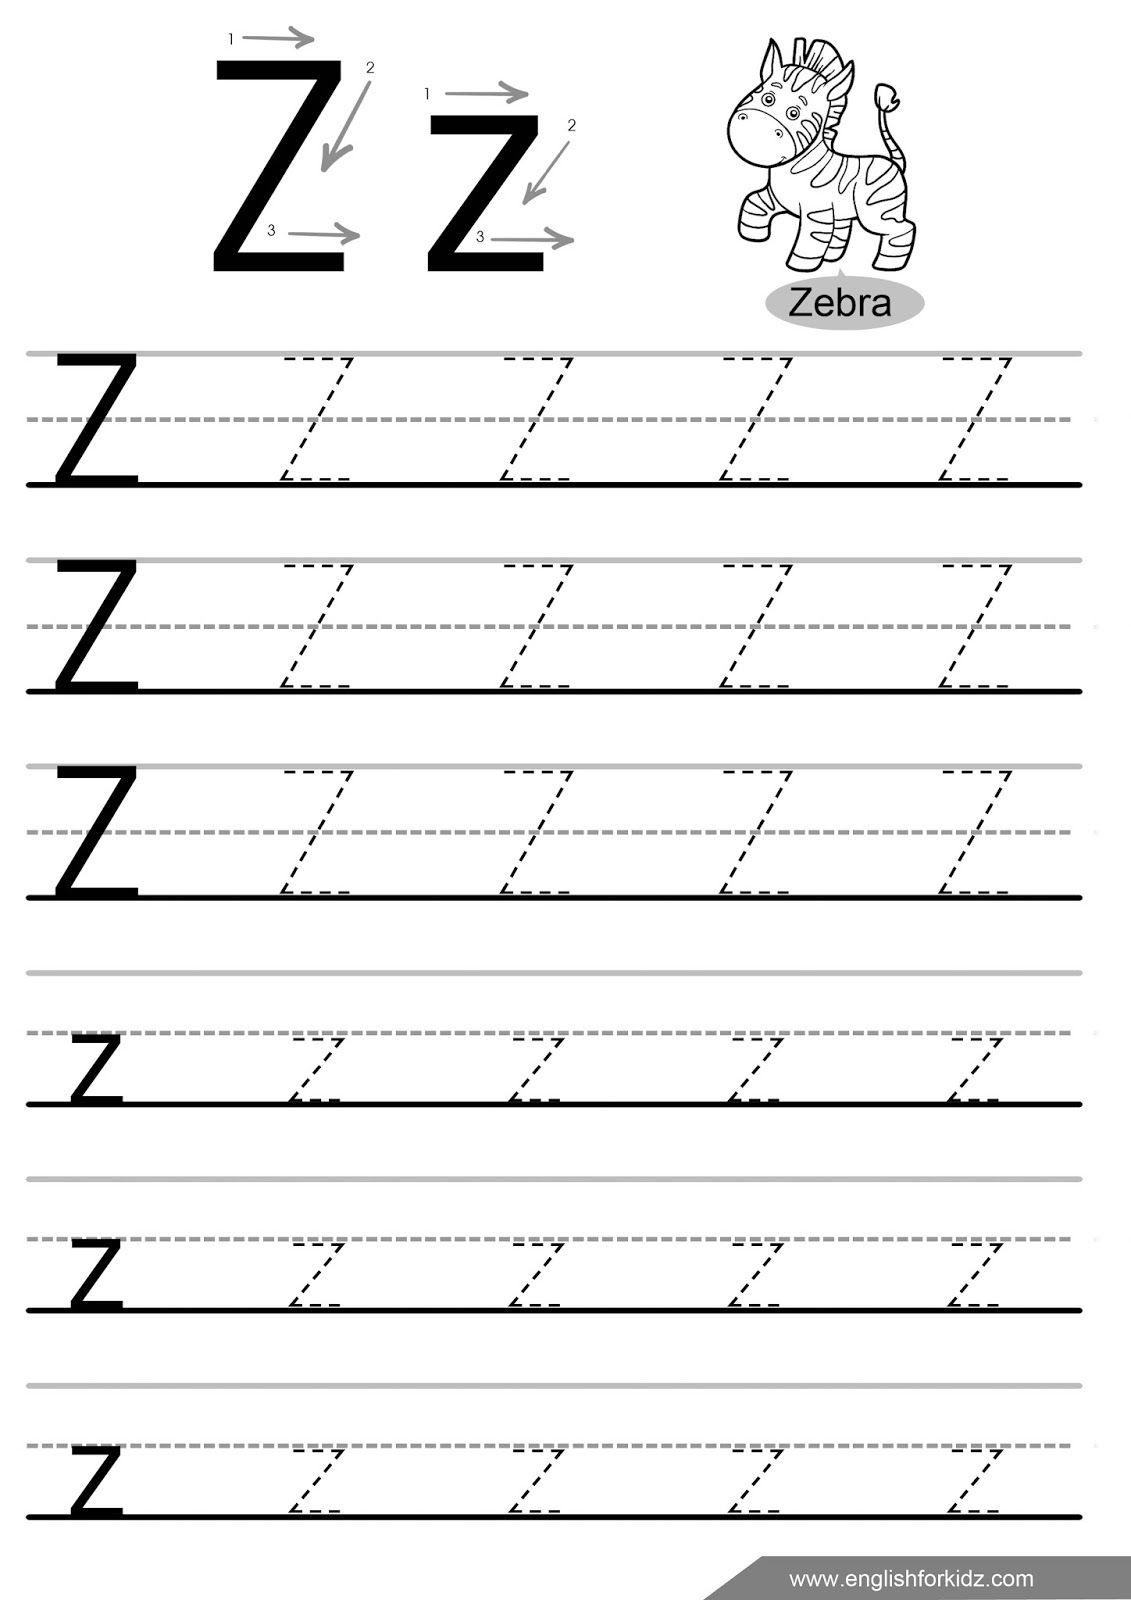 Letter Z Tracing Worksheet Jpg 1131 1600 Letter Tracing Worksheets Alphabet Tracing Worksheets Writing Practice Worksheets